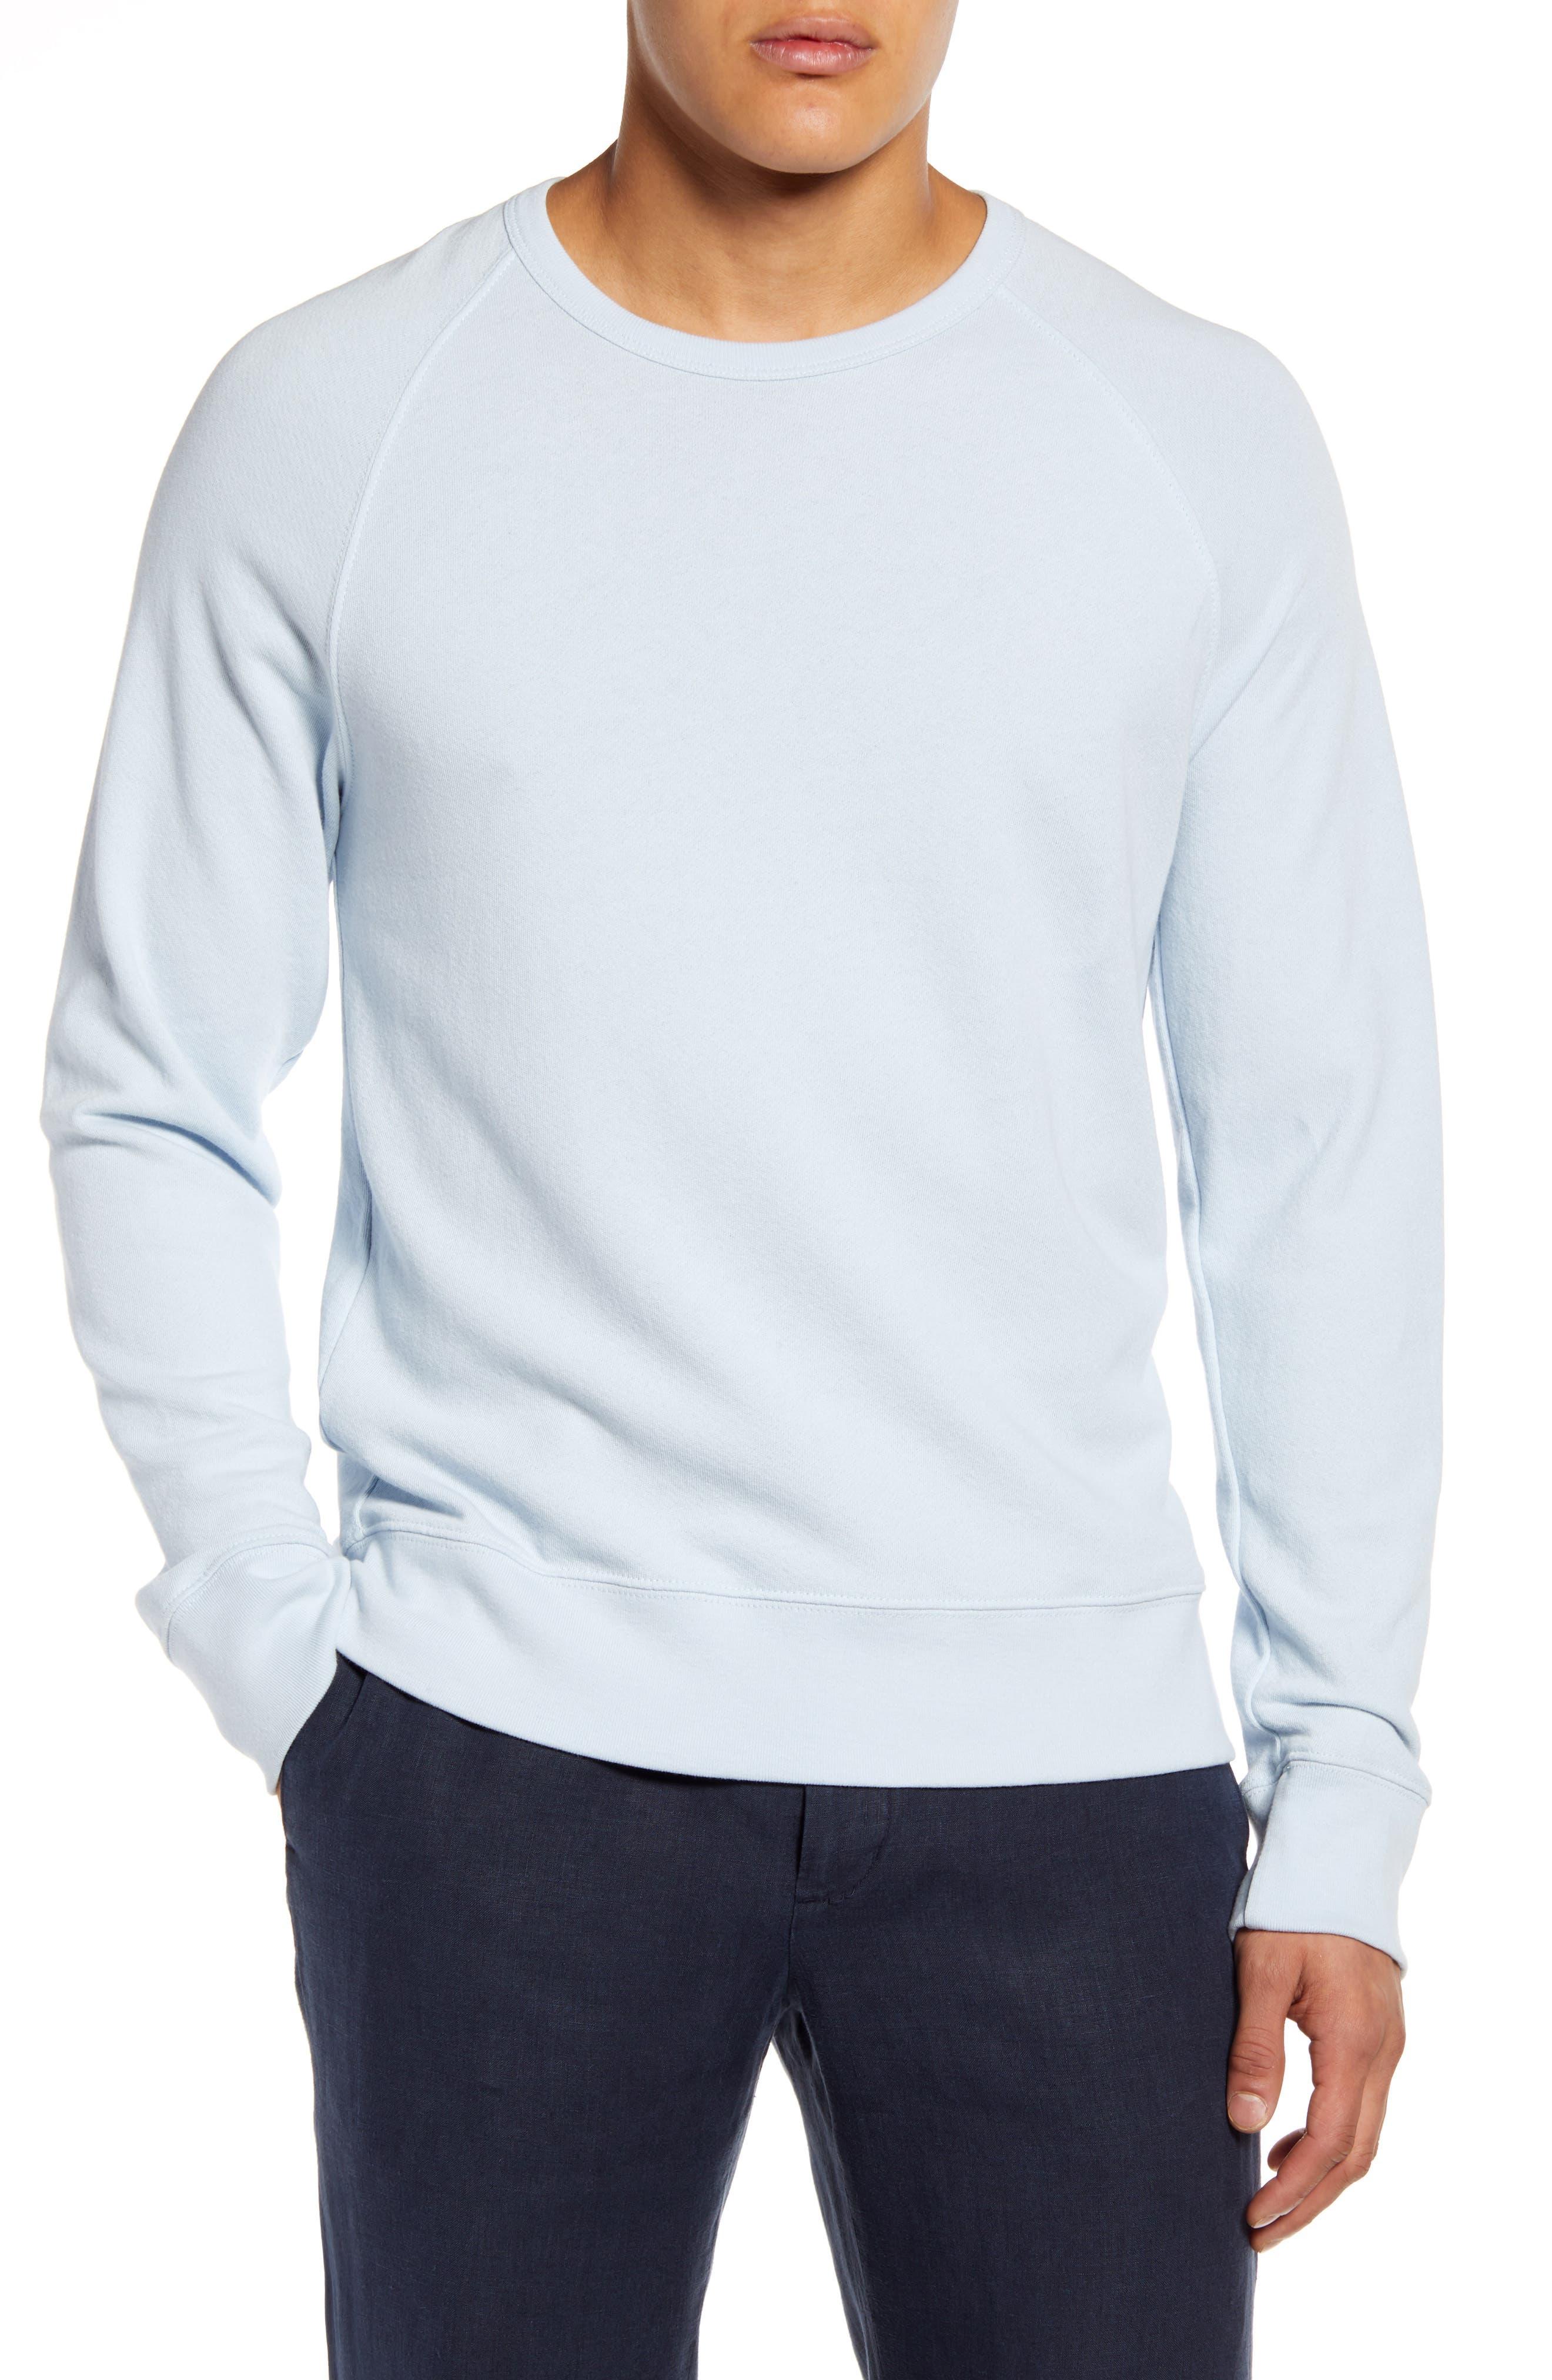 Image of Vince Garment Dye Crew Neck Sweatshirt